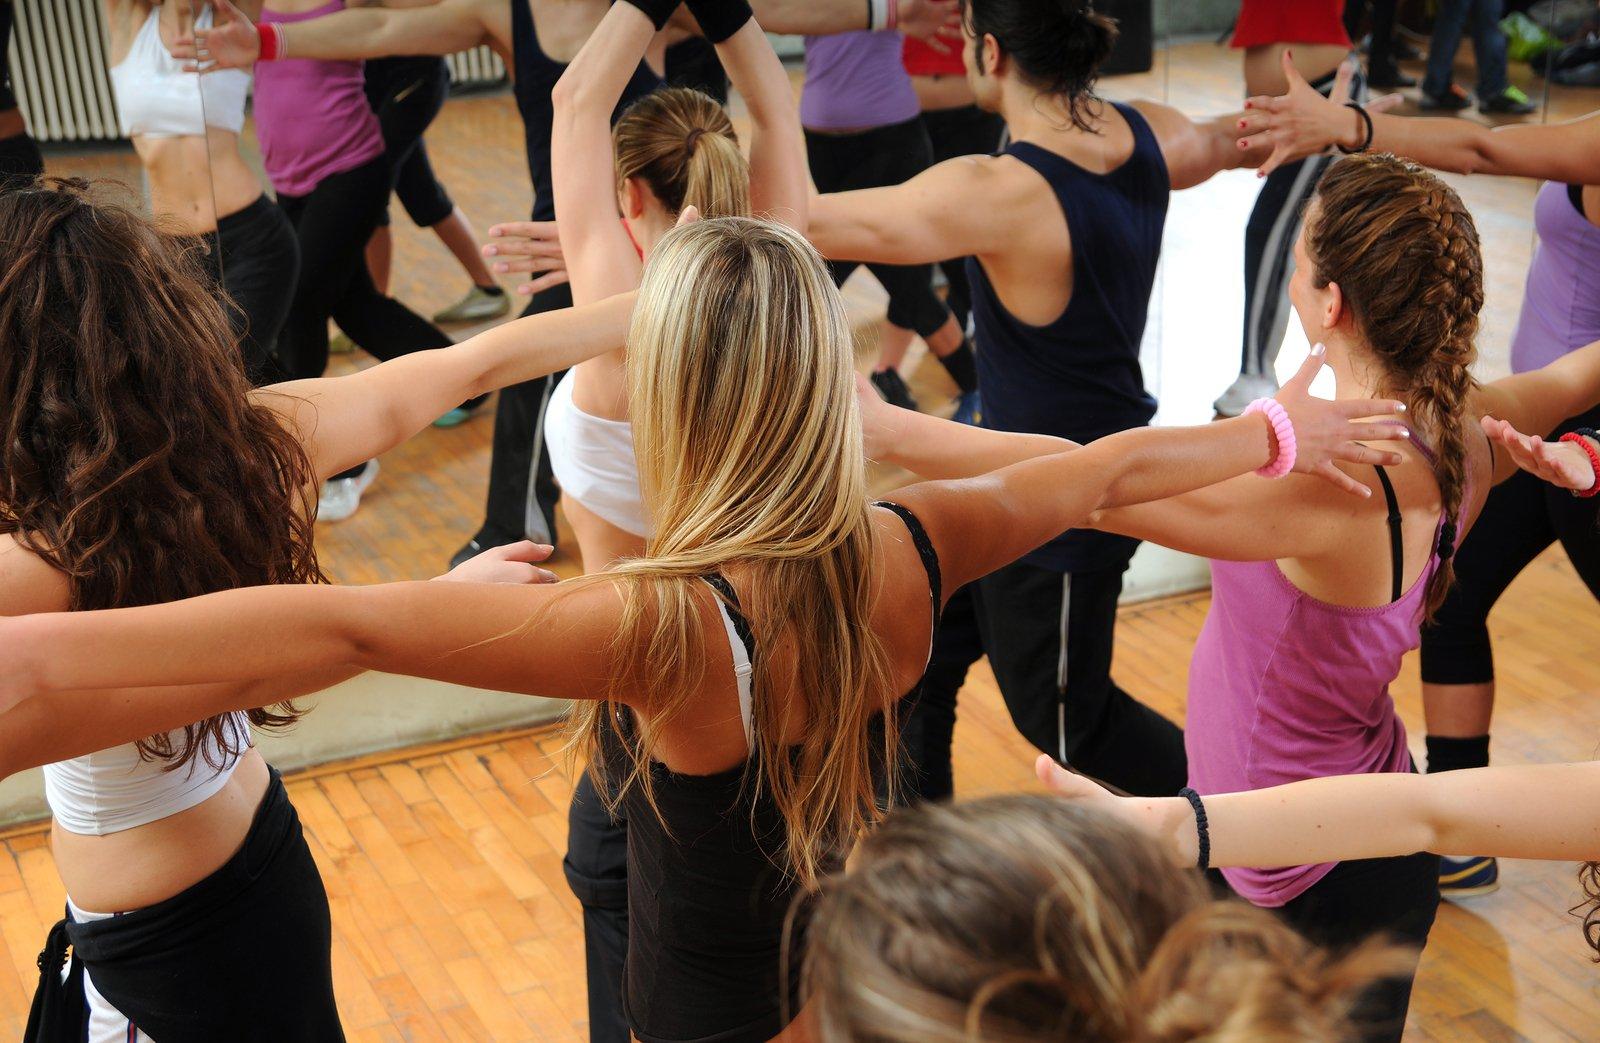 Бизнес план танцевальной студии